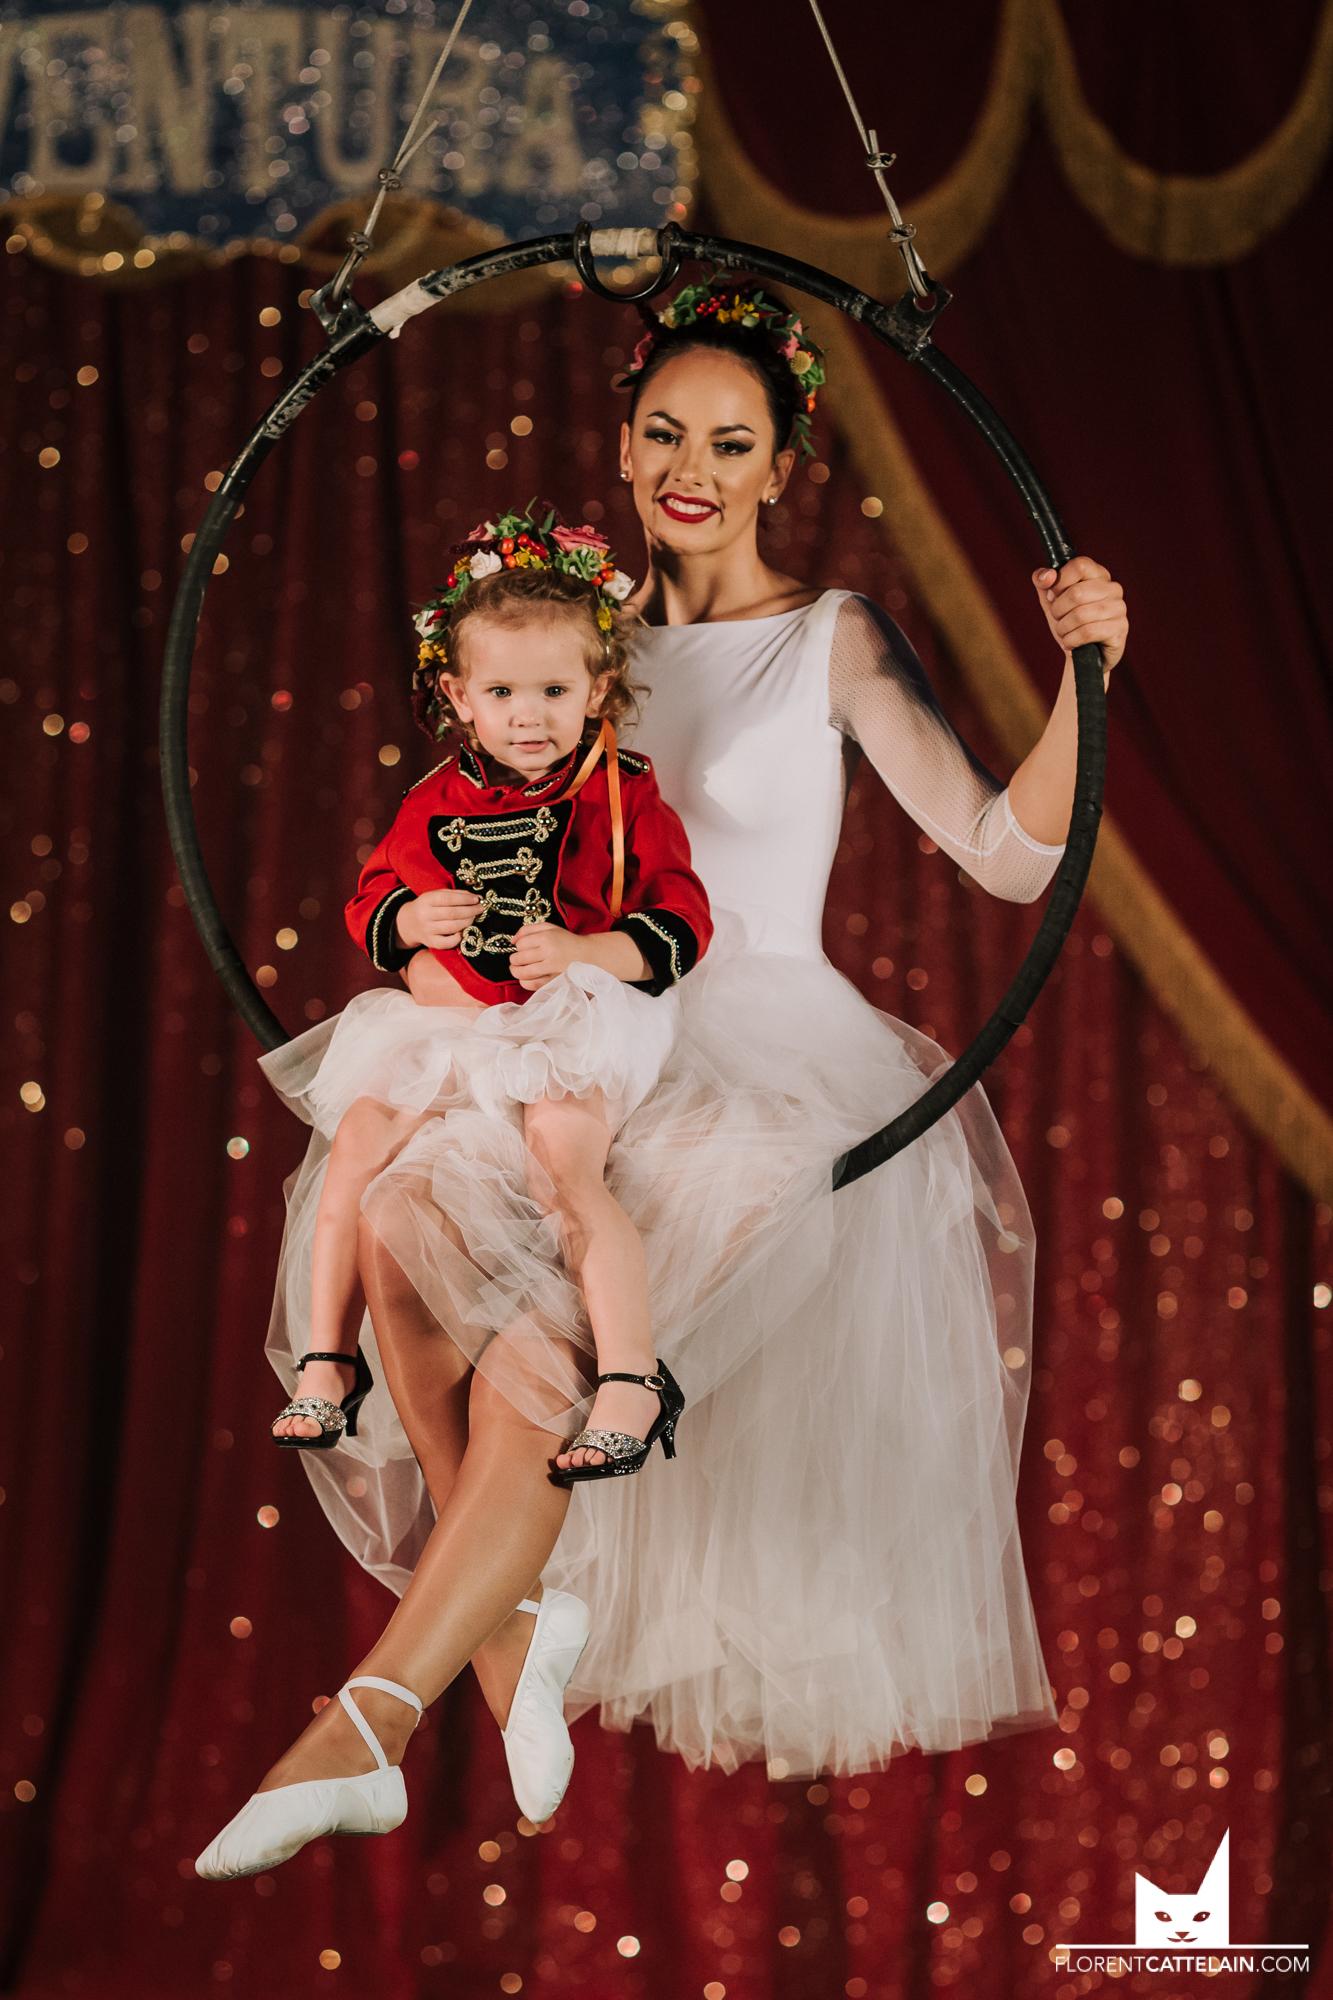 Mariage cirque ballerines